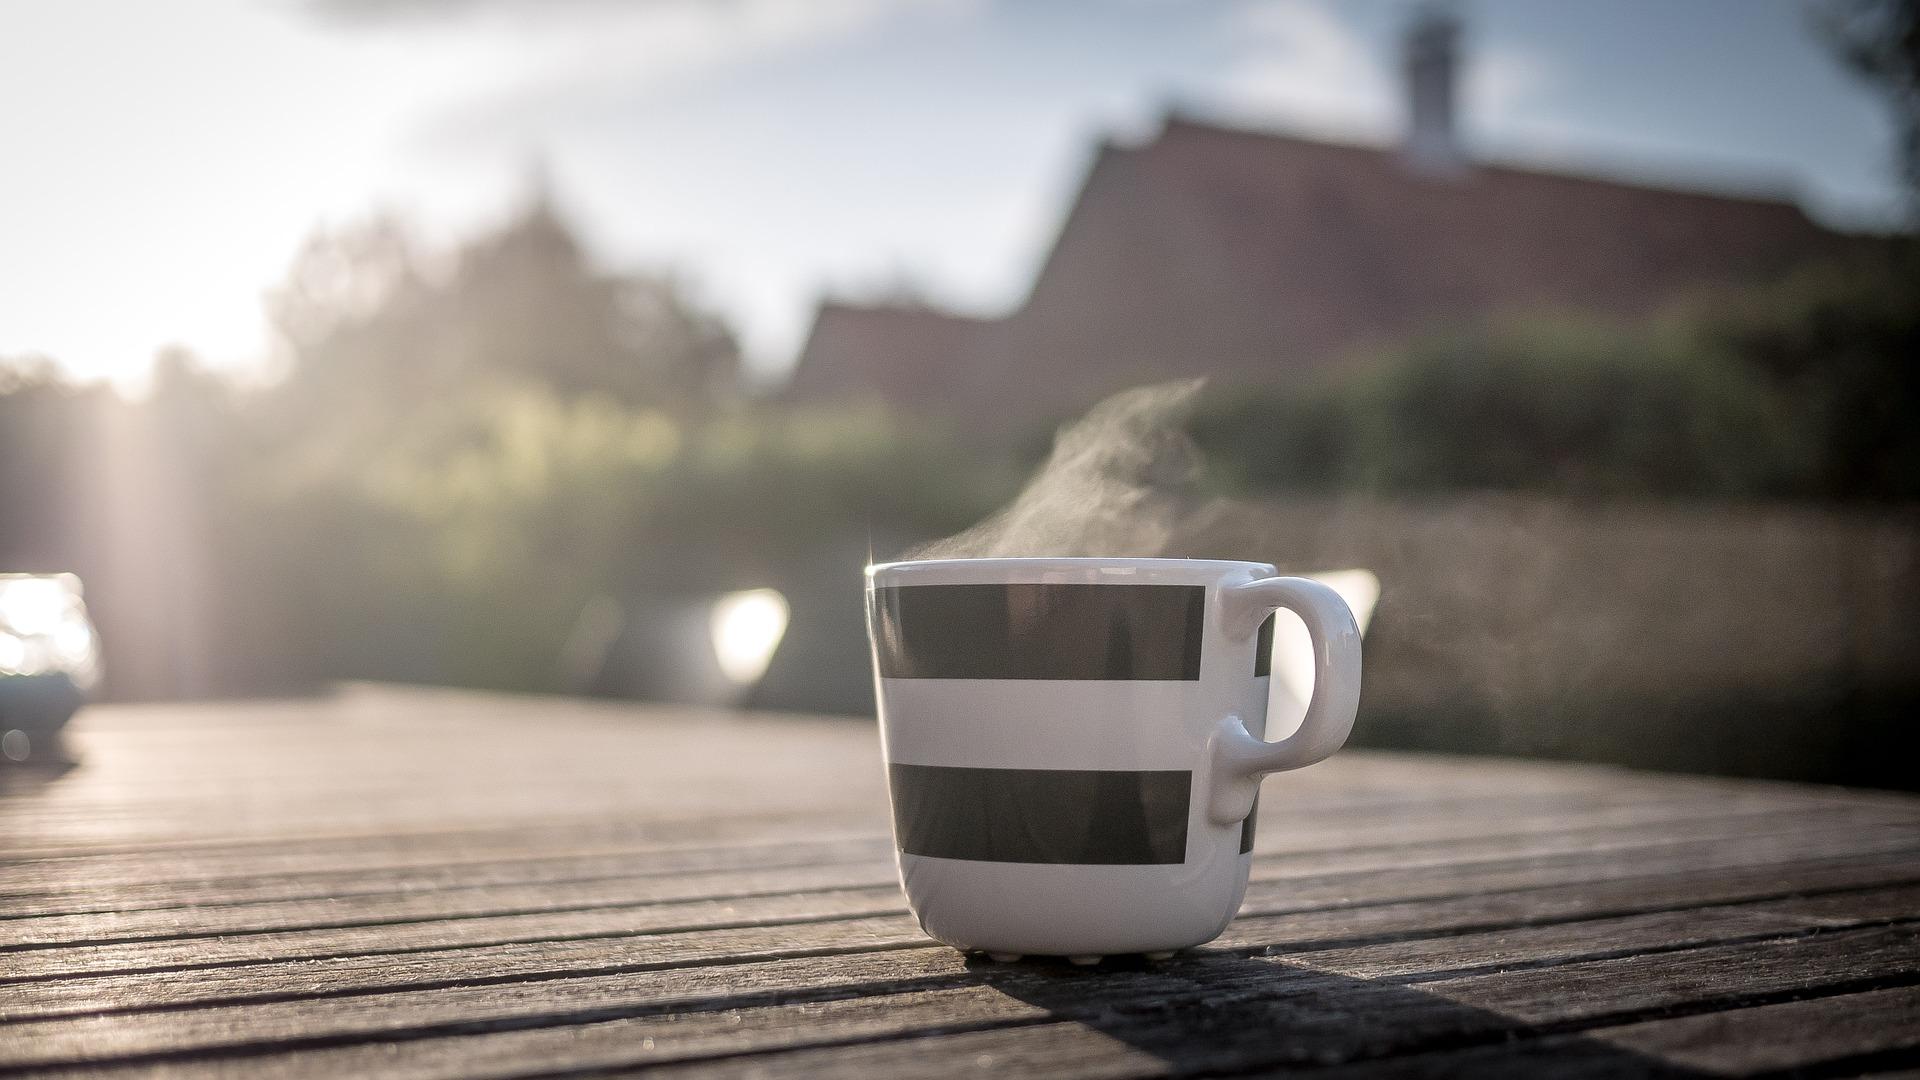 Frühe Morgenstunden: Darum zahlt es sich aus, früh aufzustehen